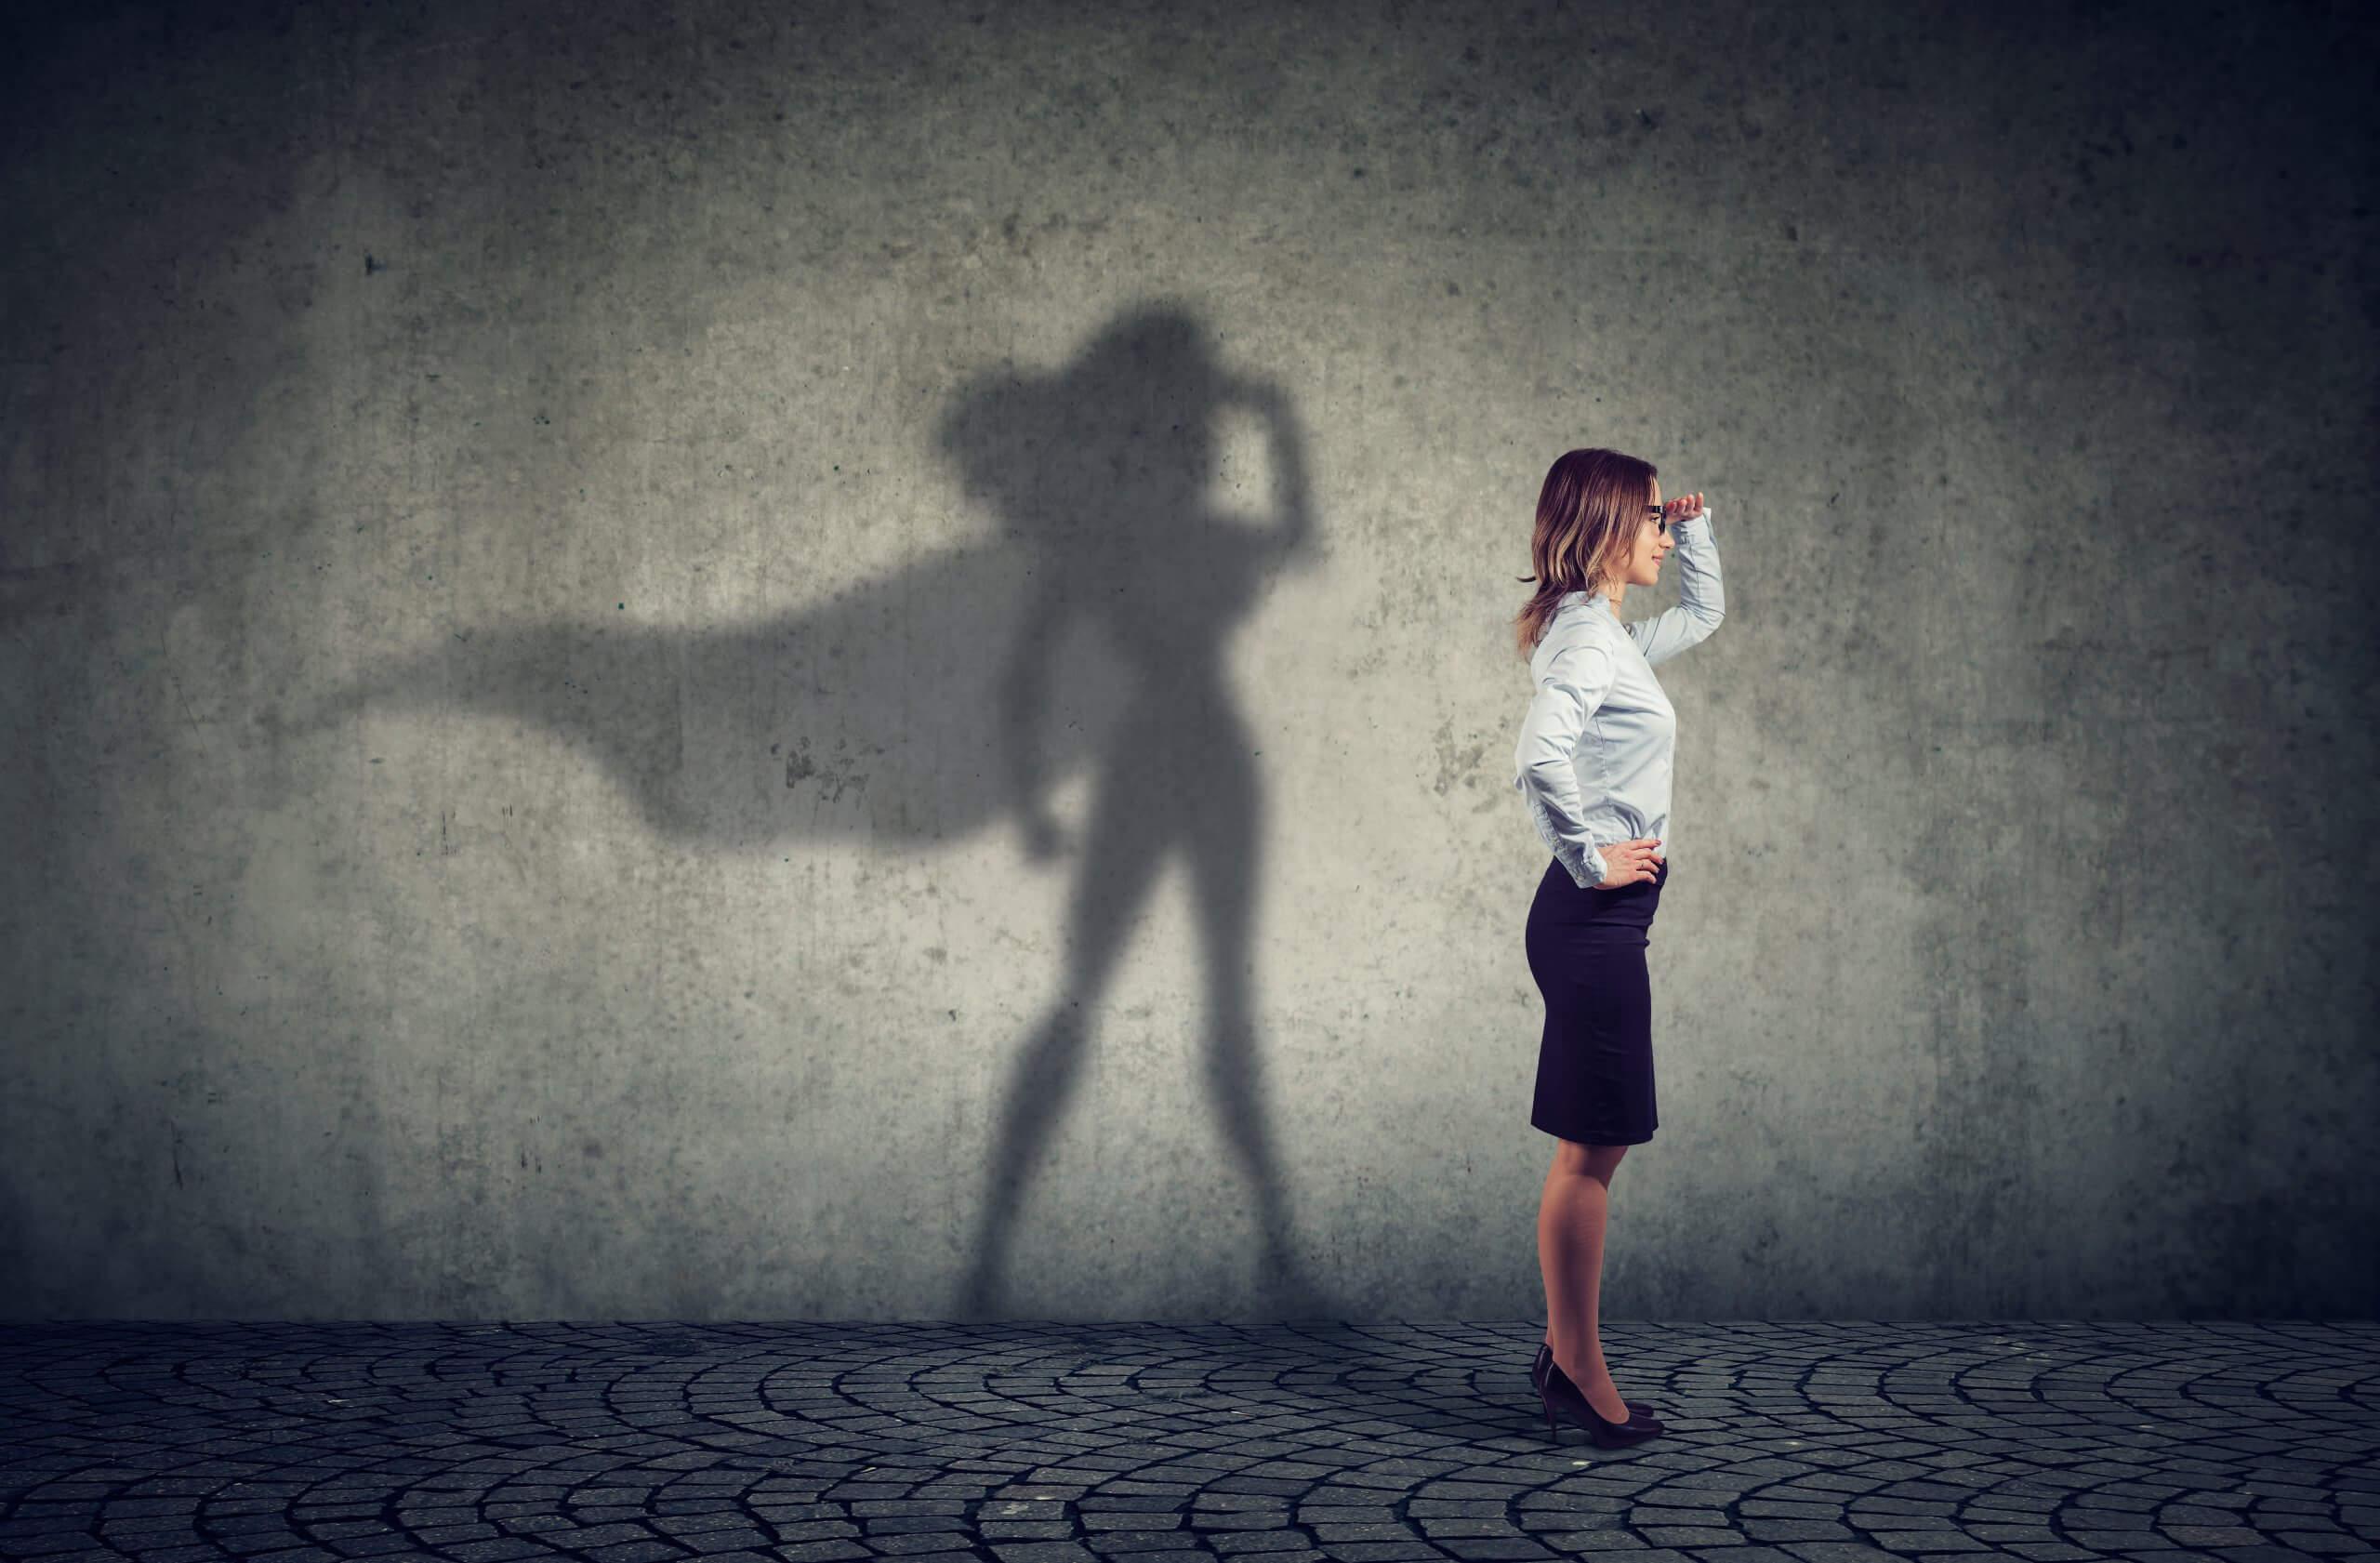 Leben Sie Ihre Berufung!, c: Shutterstock